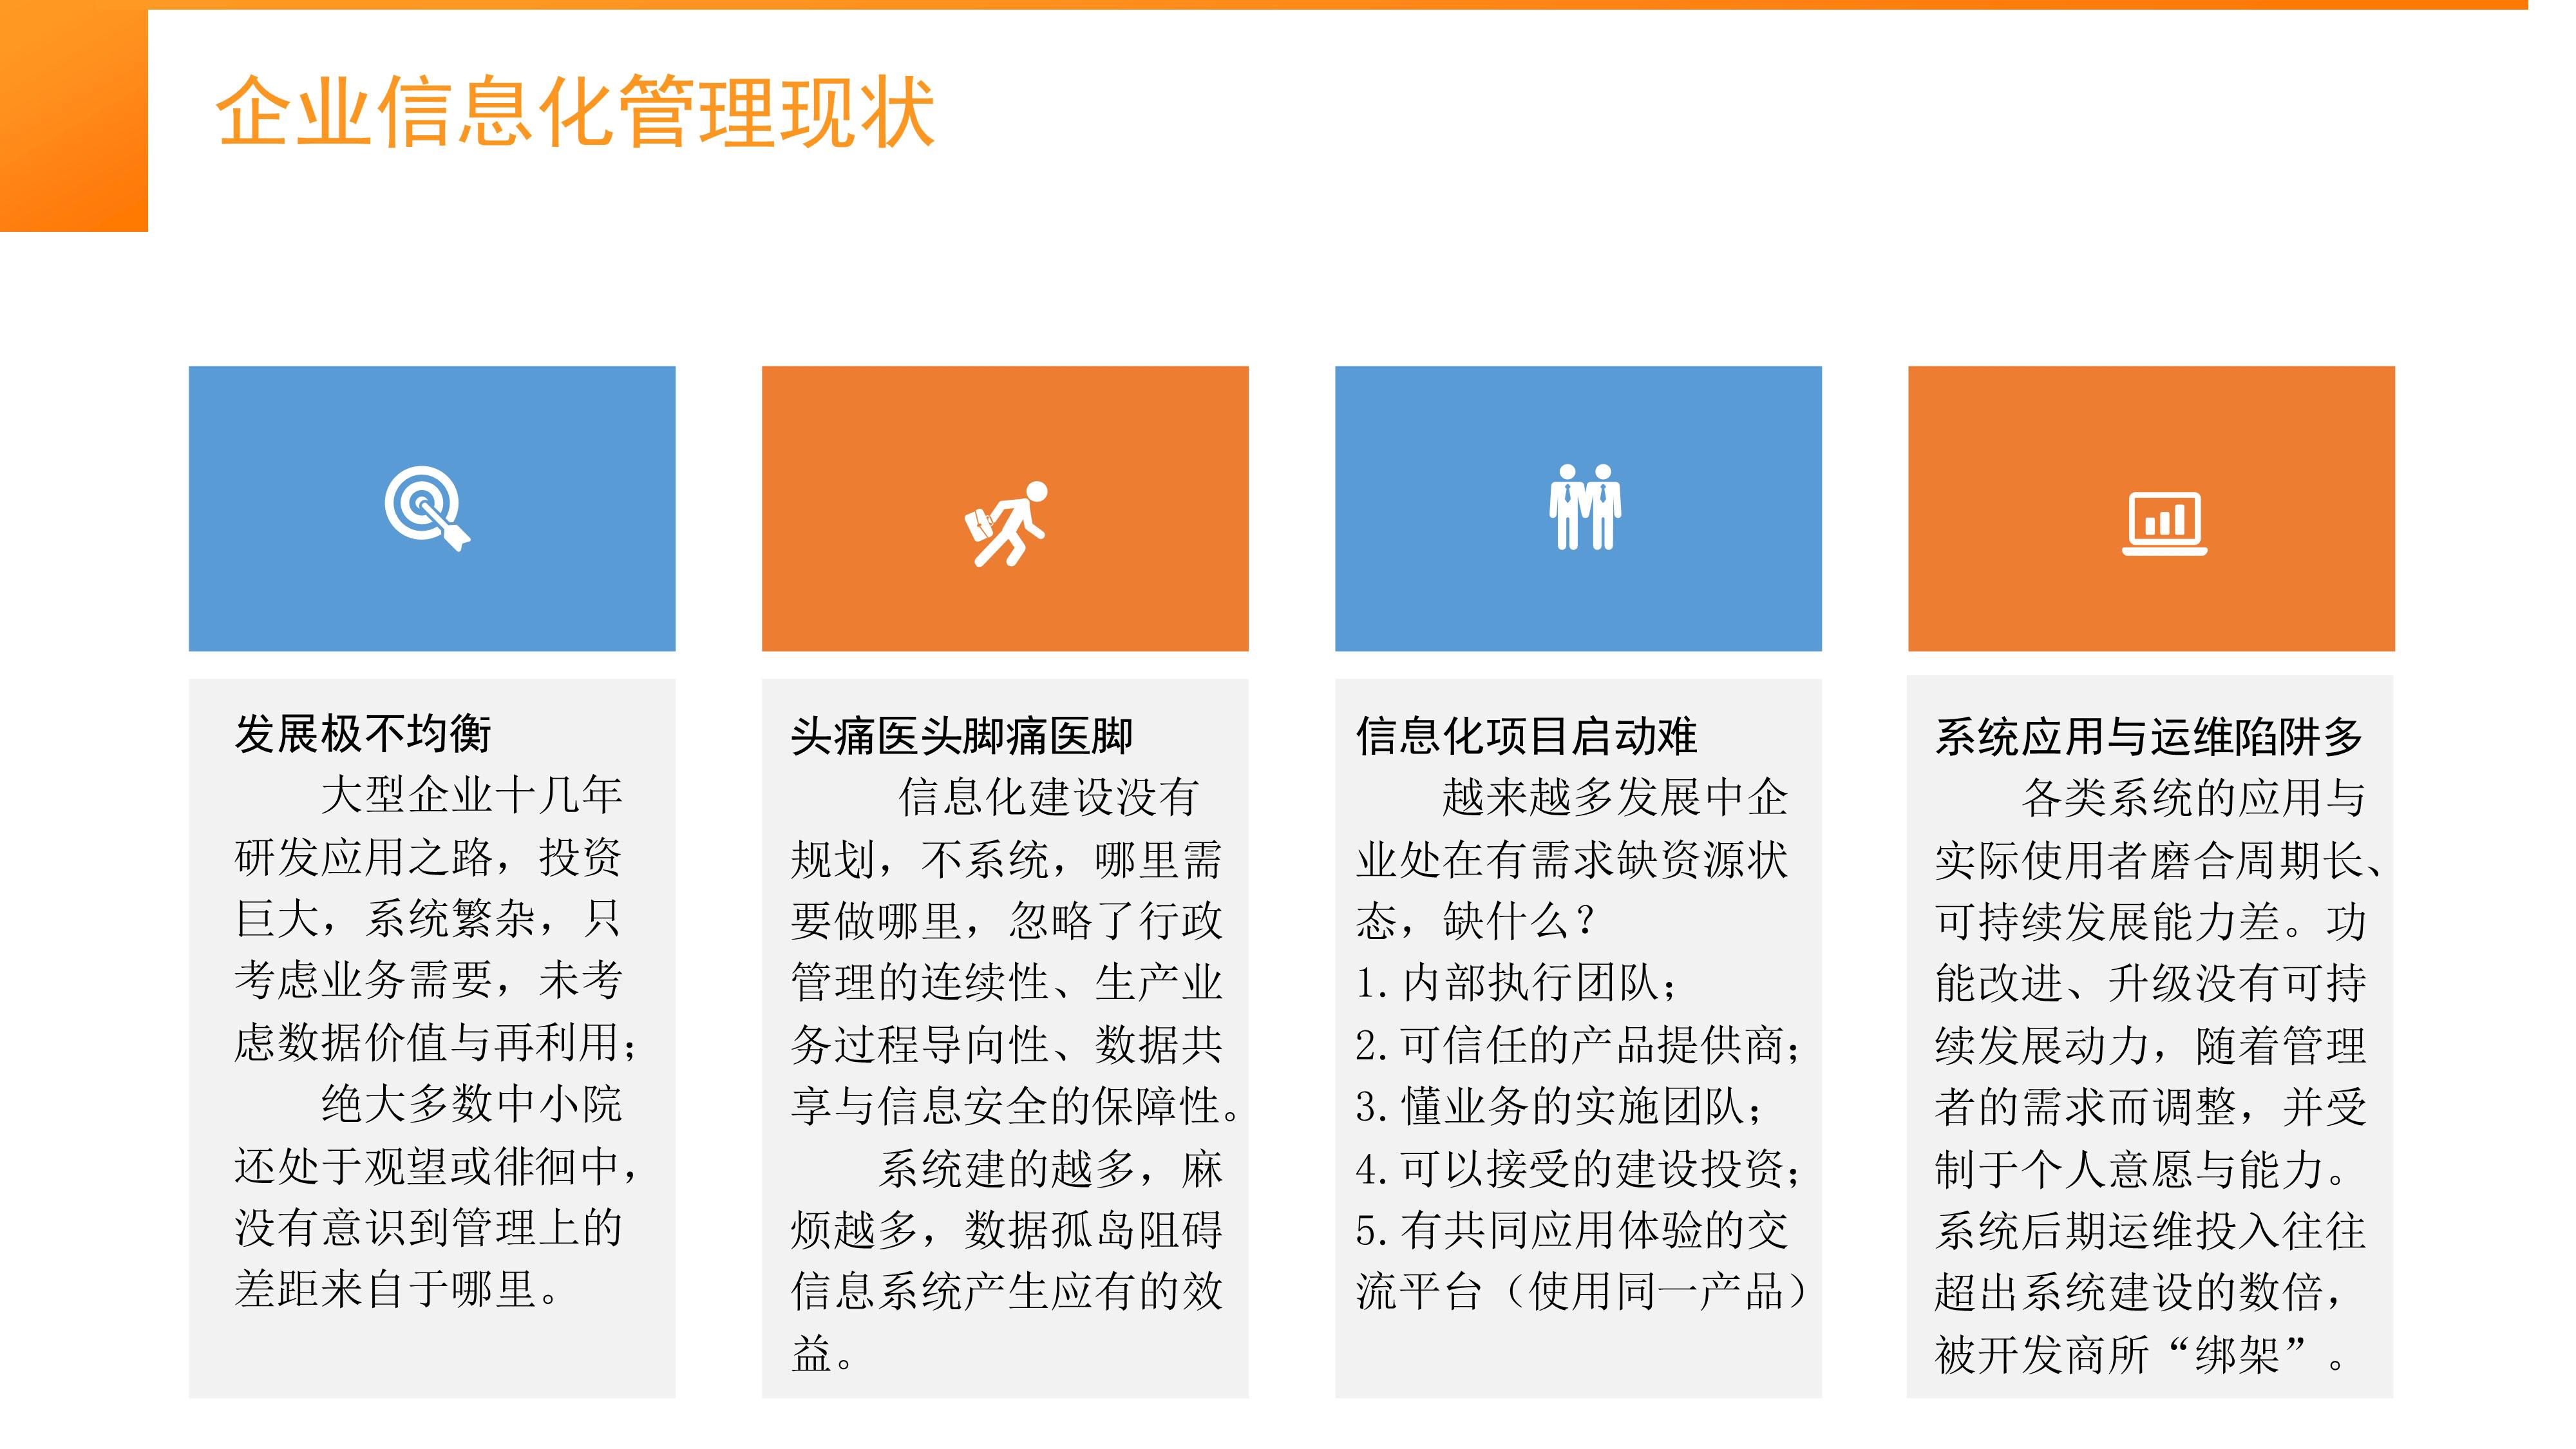 013011343503_0信天使综合信息管理系统旗舰版_1.jpg